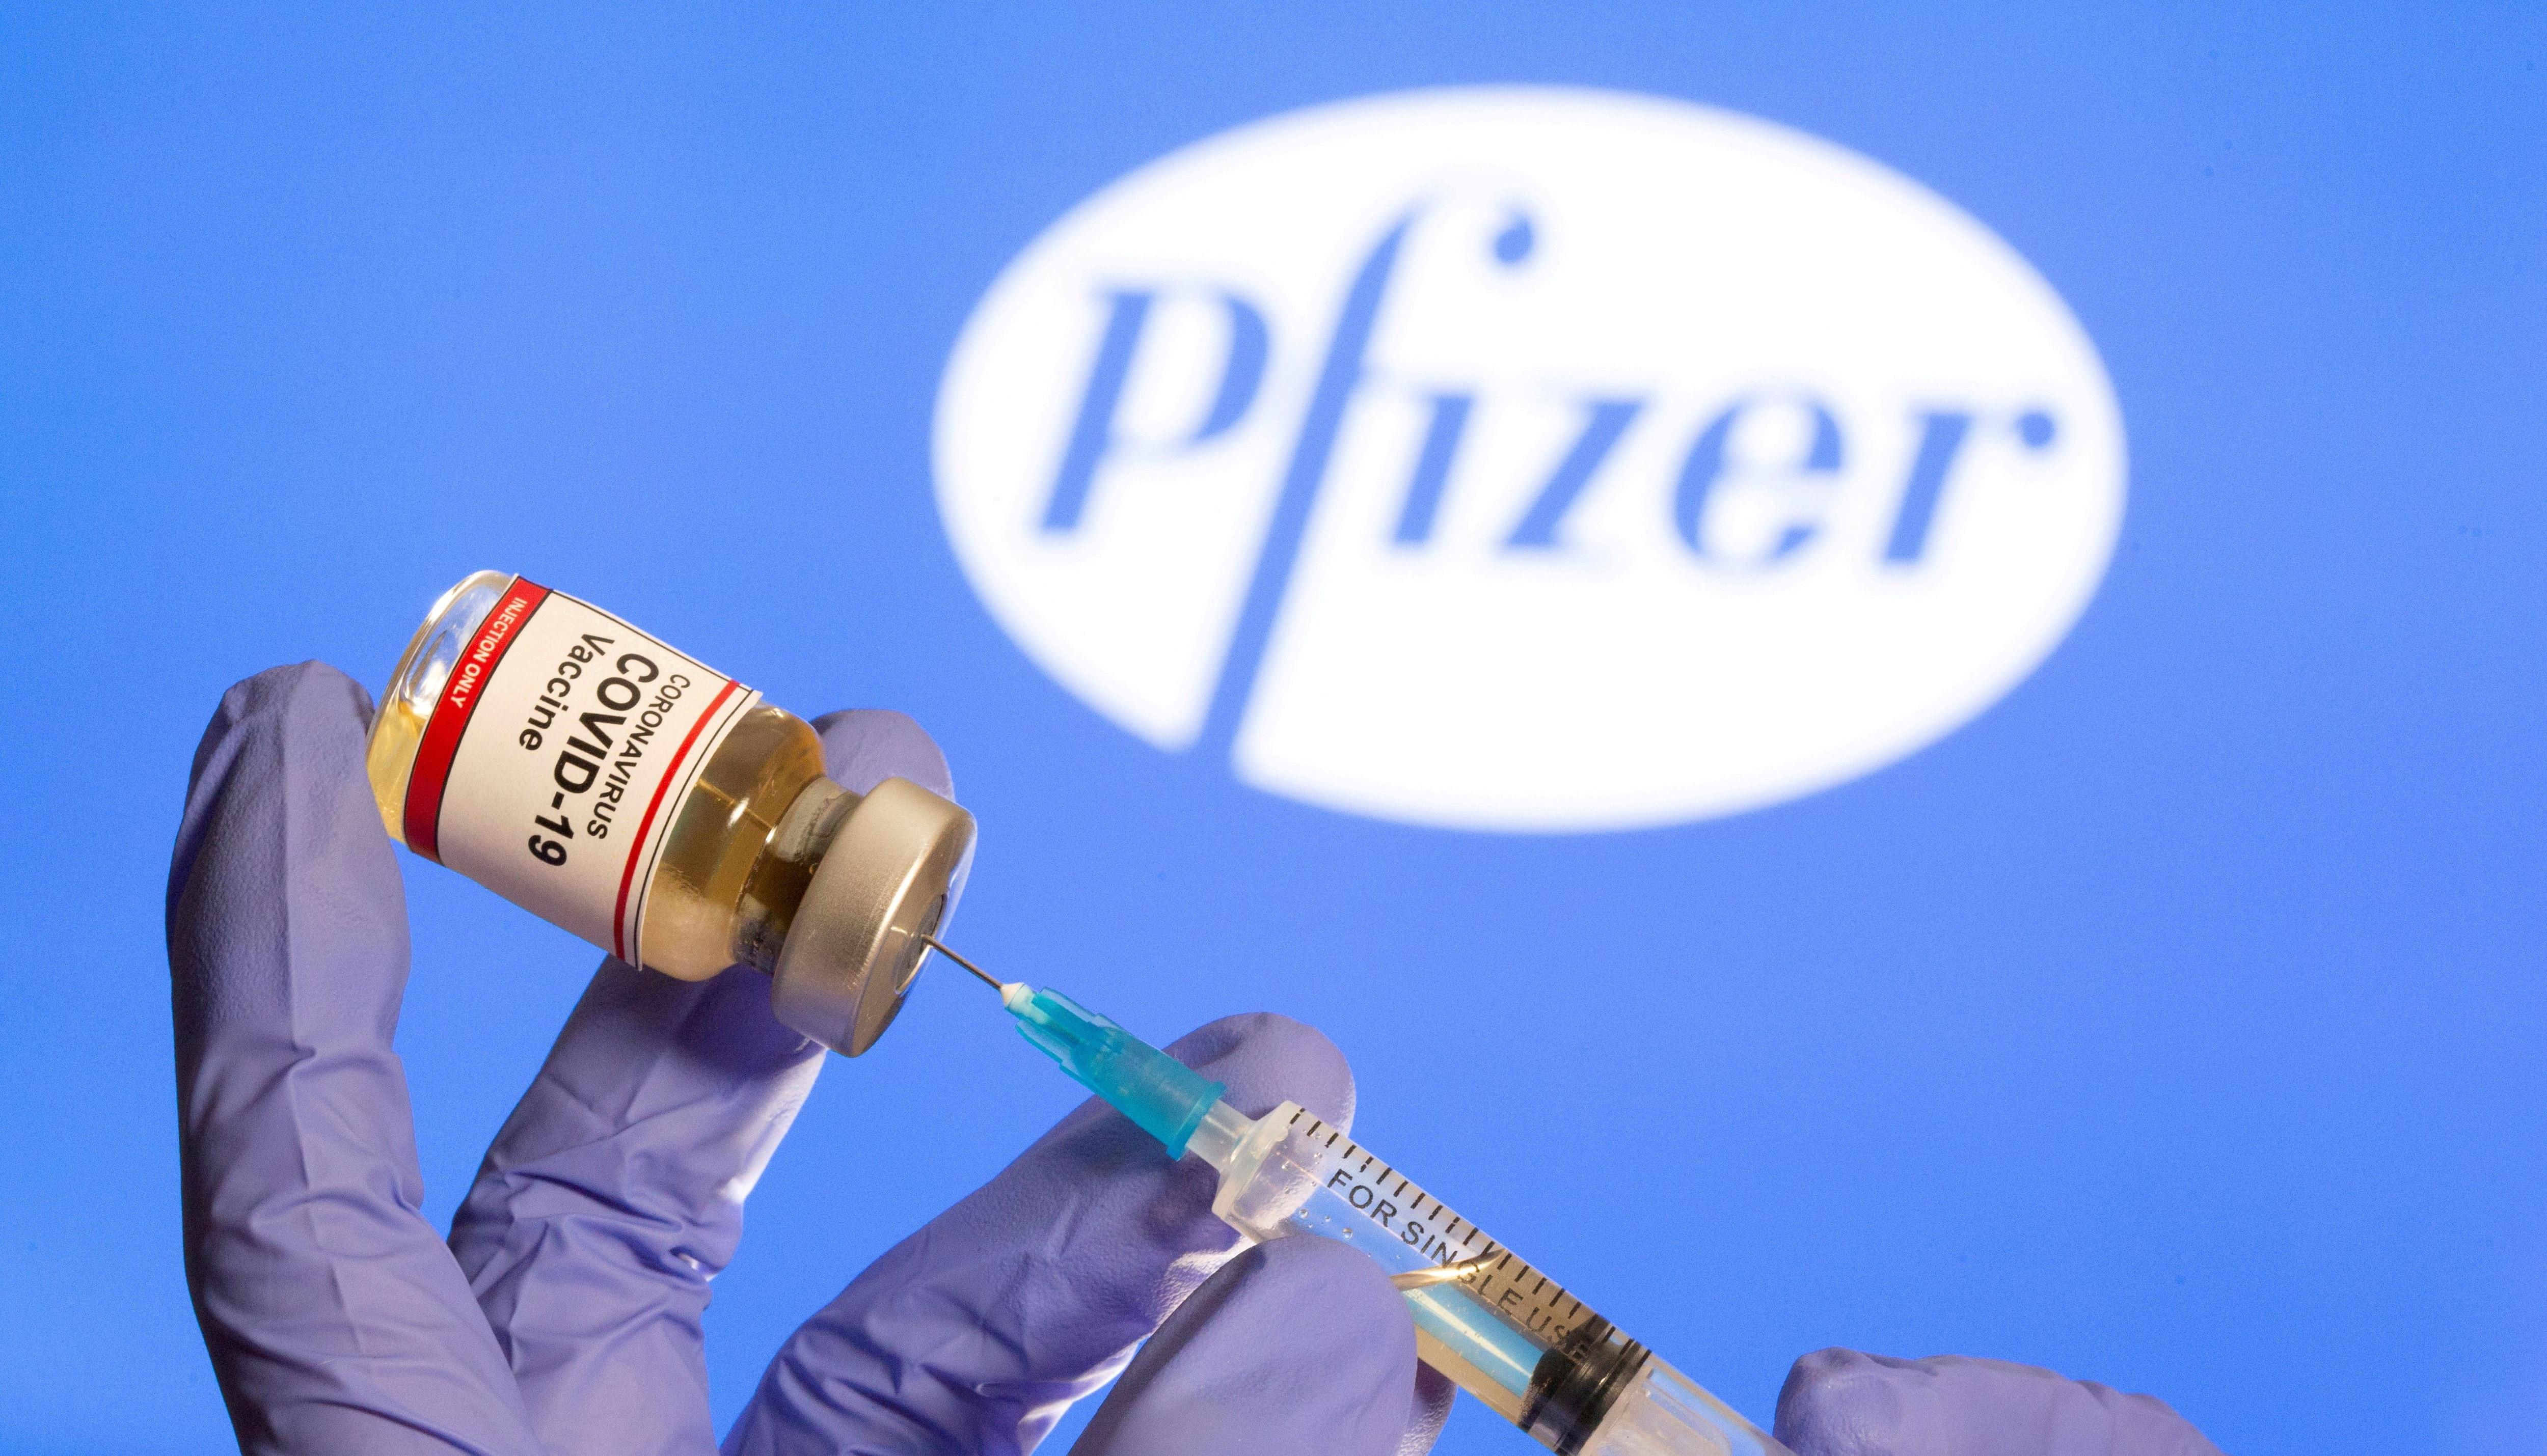 Está basada en la tecnología del ARN mensajero, que lleva instrucciones de ADN para que las células del cuerpo humano generen ciertas proteínas protectoras. La misma comenzó sus ensayos en Alemania a fines de abril y en EEUU a principios de mayo (REUTERS)